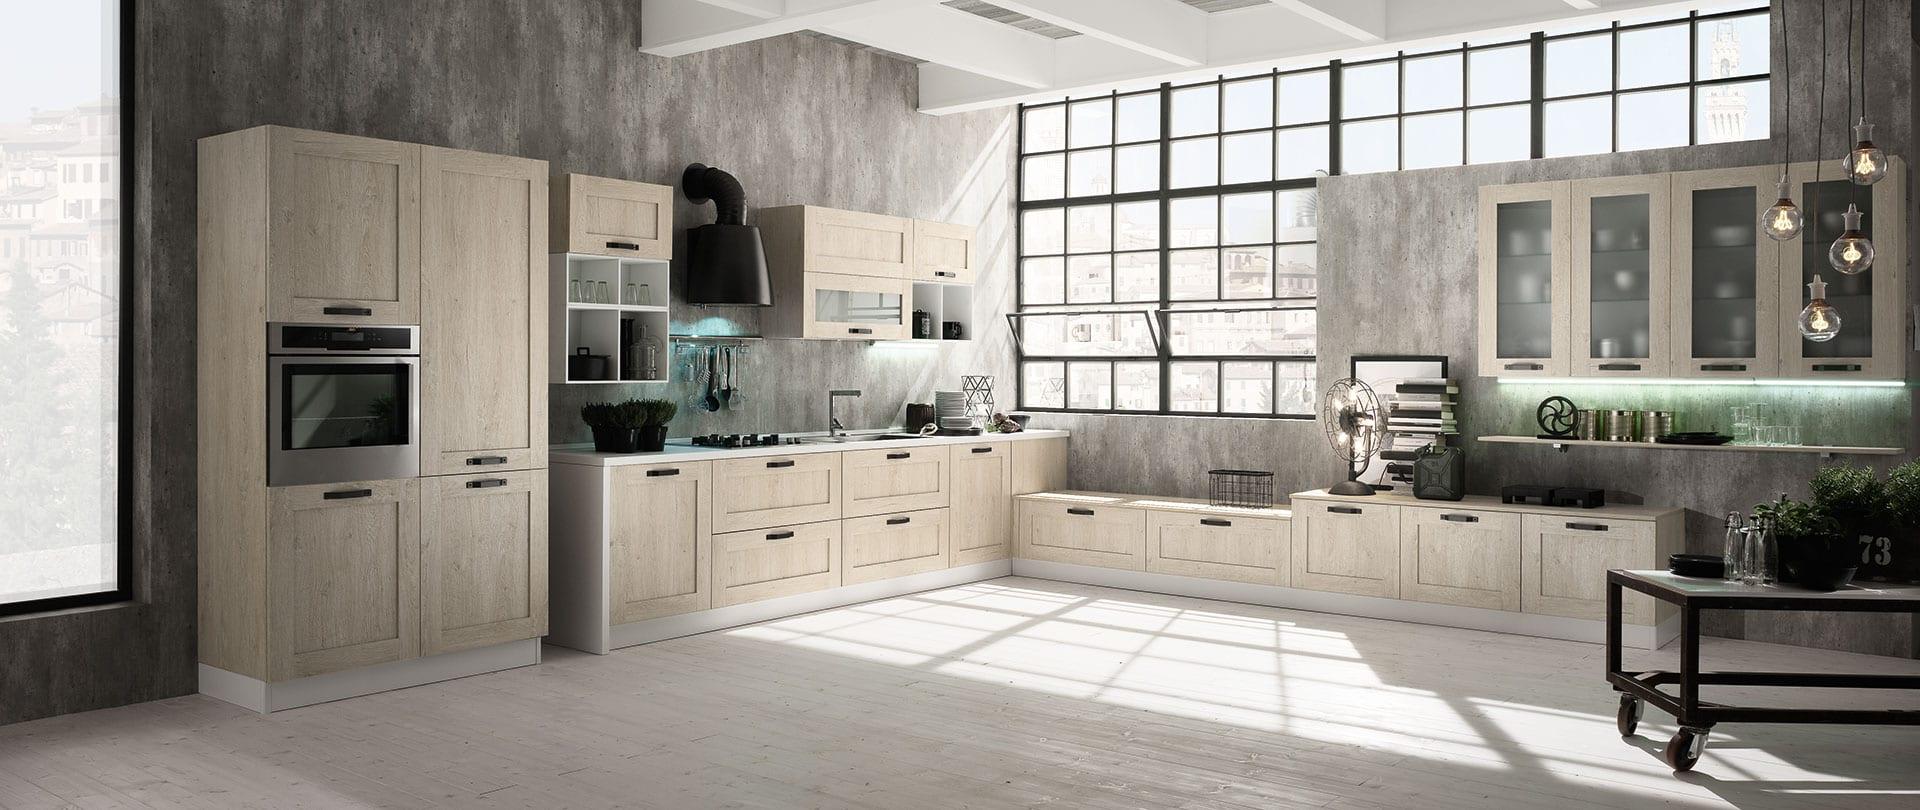 cucina-moderna-ego-rovere-cocco2